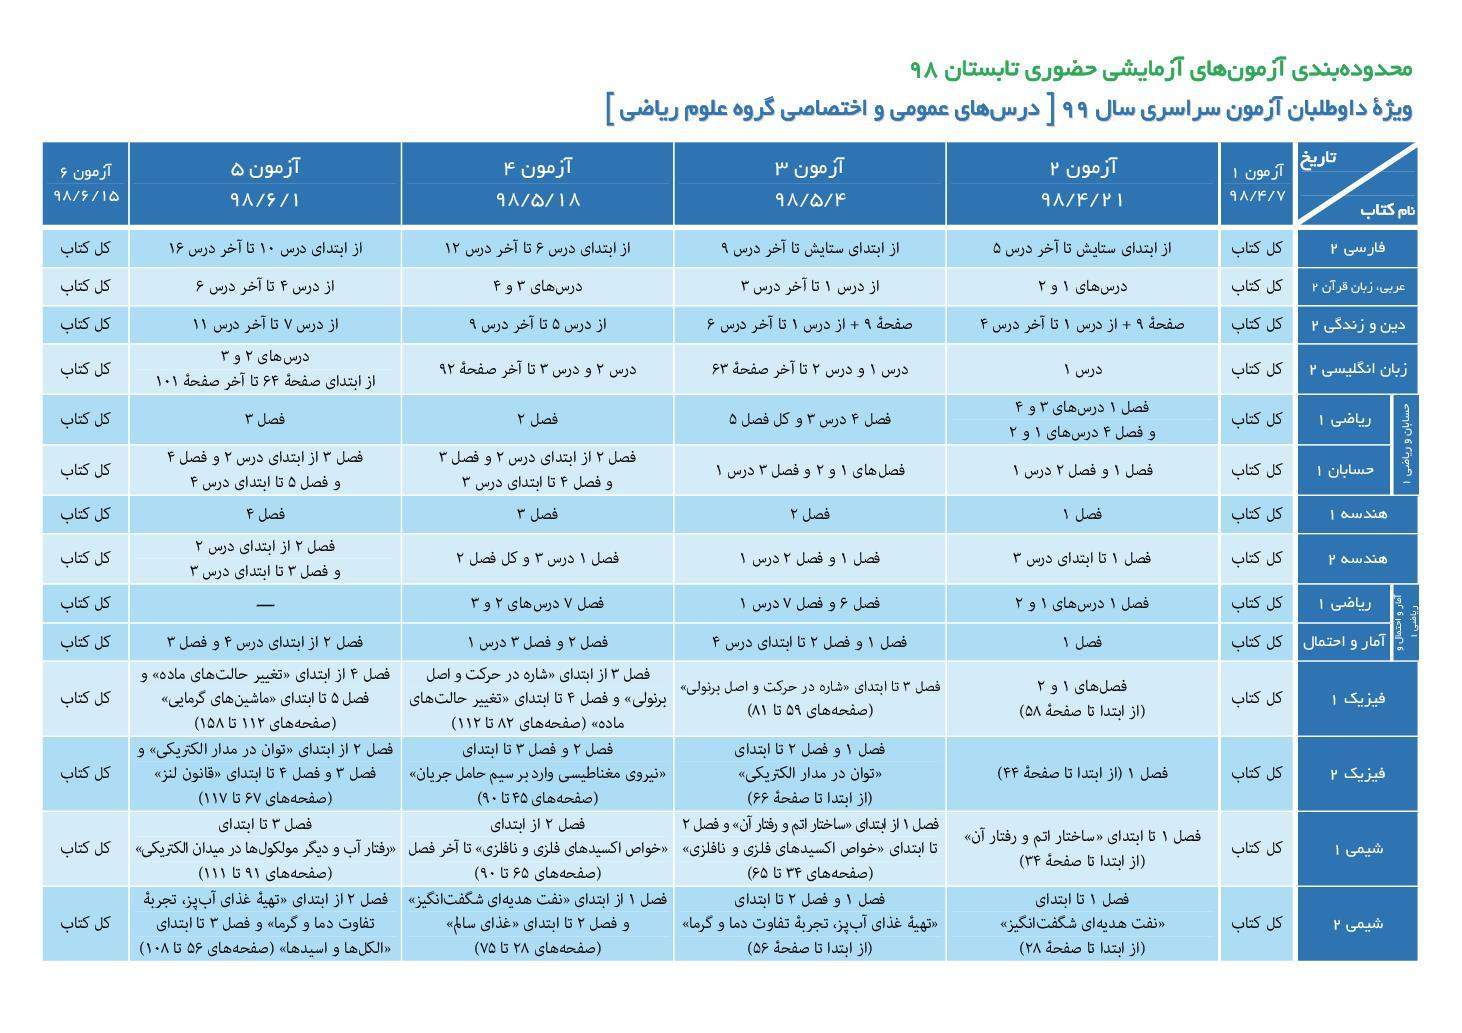 محدوده بندی جزیی و تاریخ برگزاری آزمون های آزمایشی حضوری طرح تابستان گزینه دو (PDF)